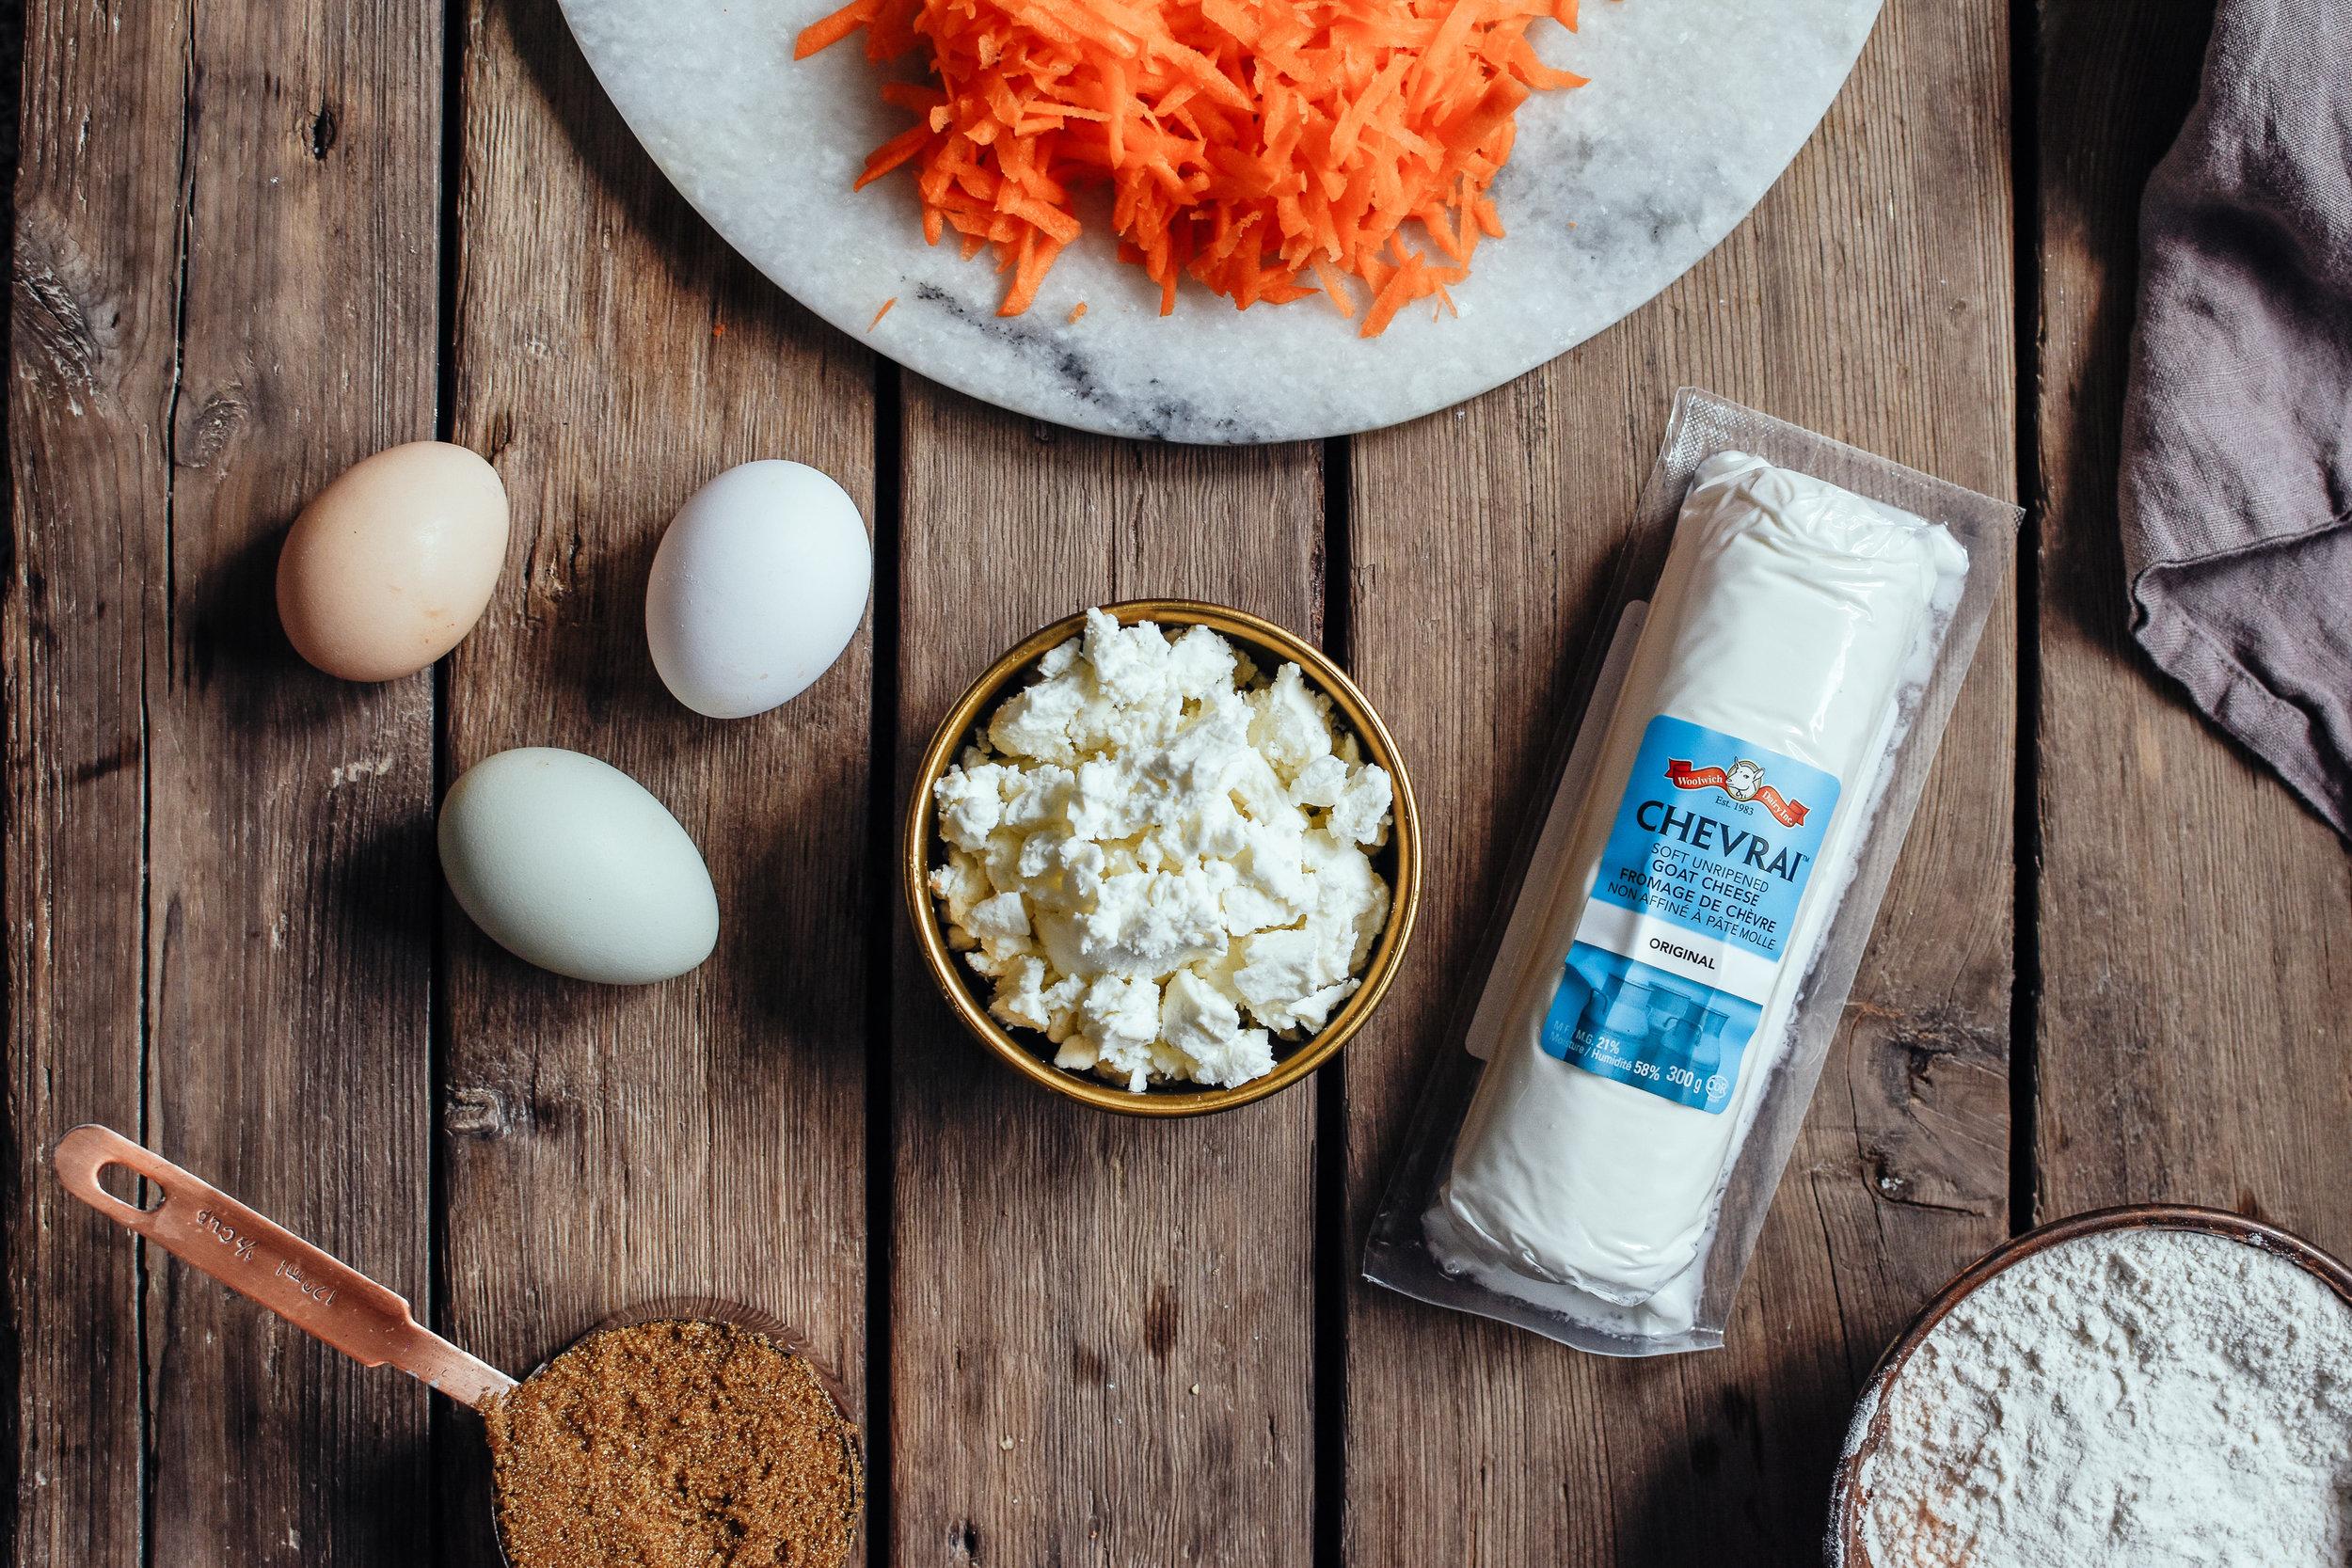 ingredients_carrotrollcake_thefarmersdaughter-4.jpg